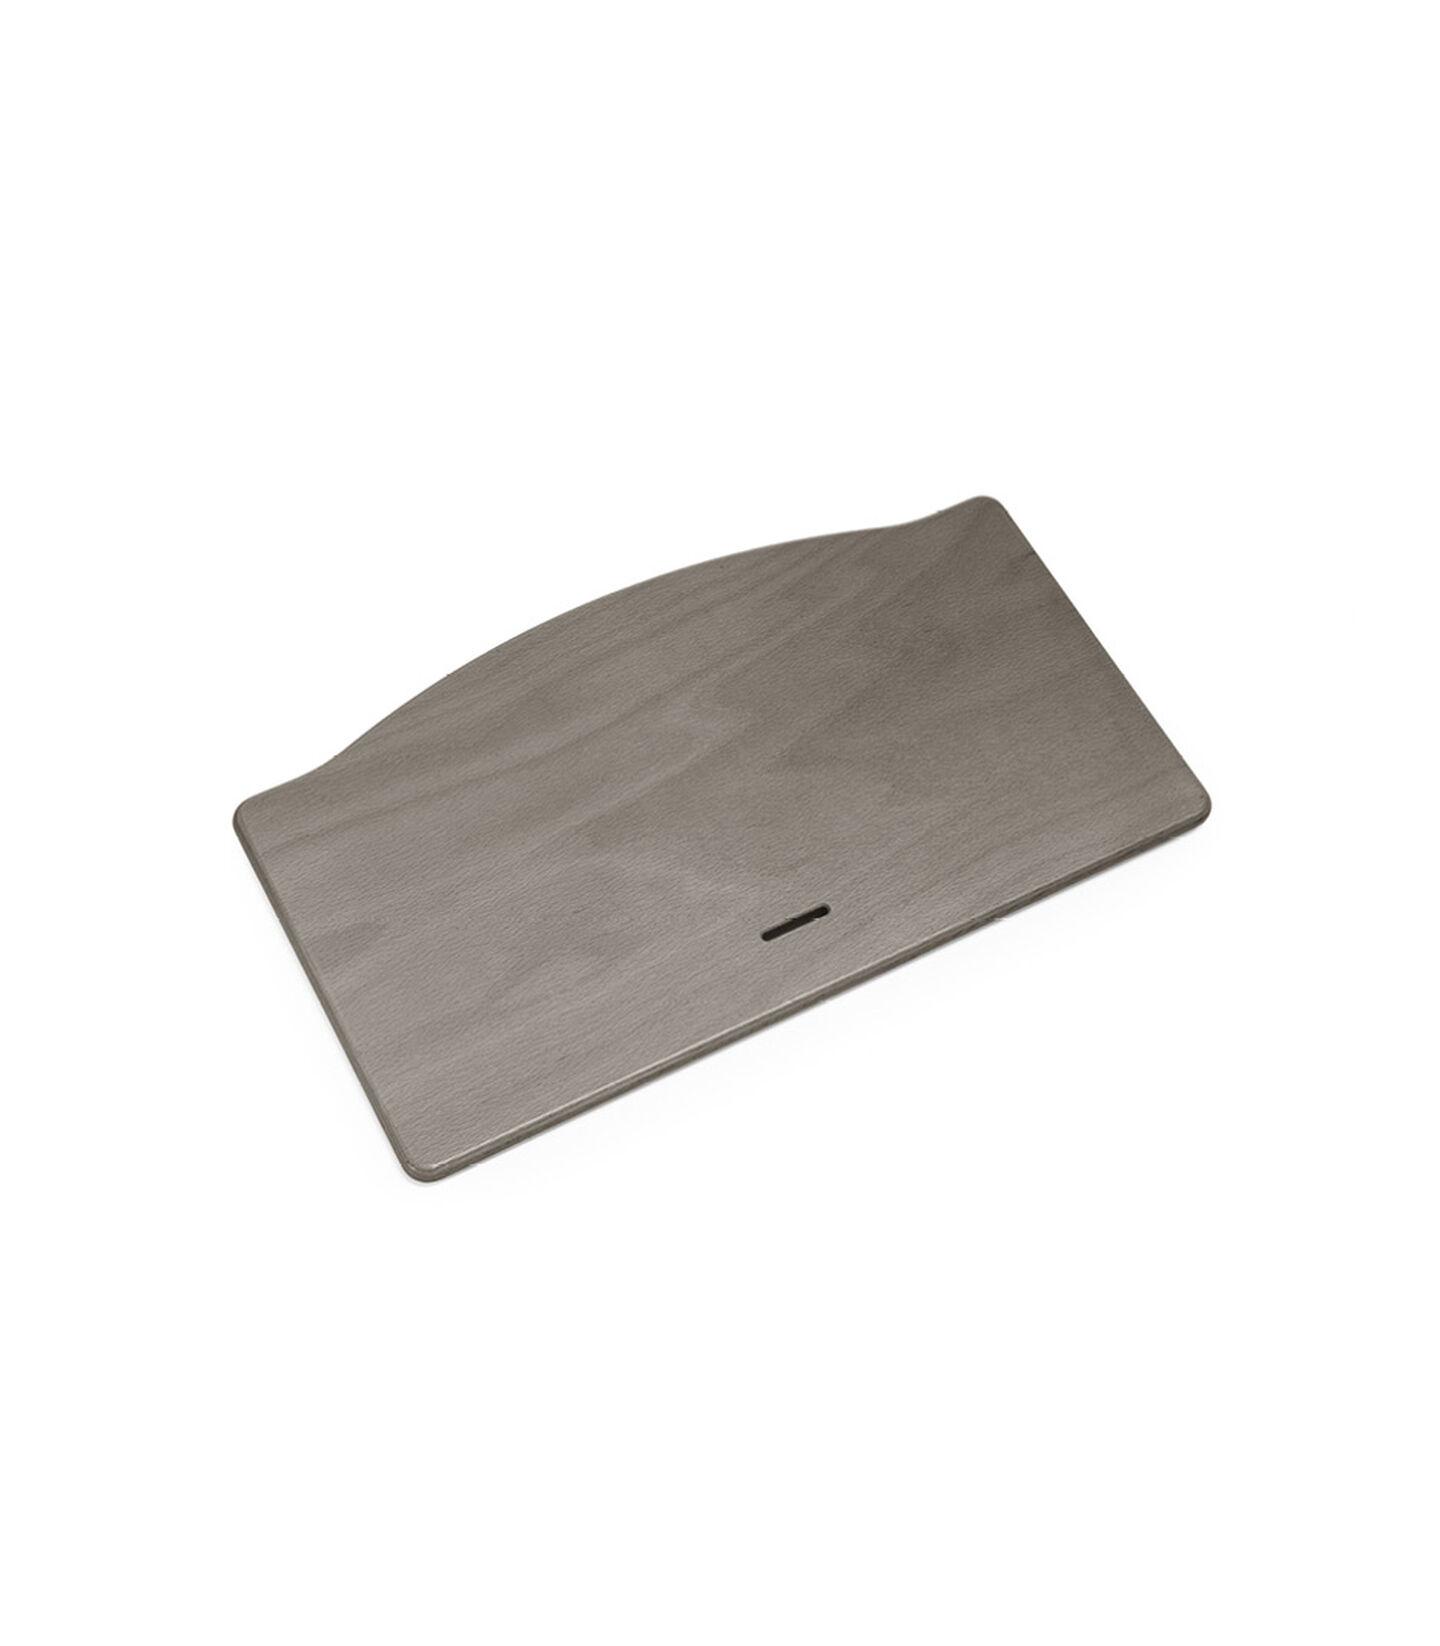 Tripp Trapp® Seatplate Hazy Grey, Hazy Grey, mainview view 2